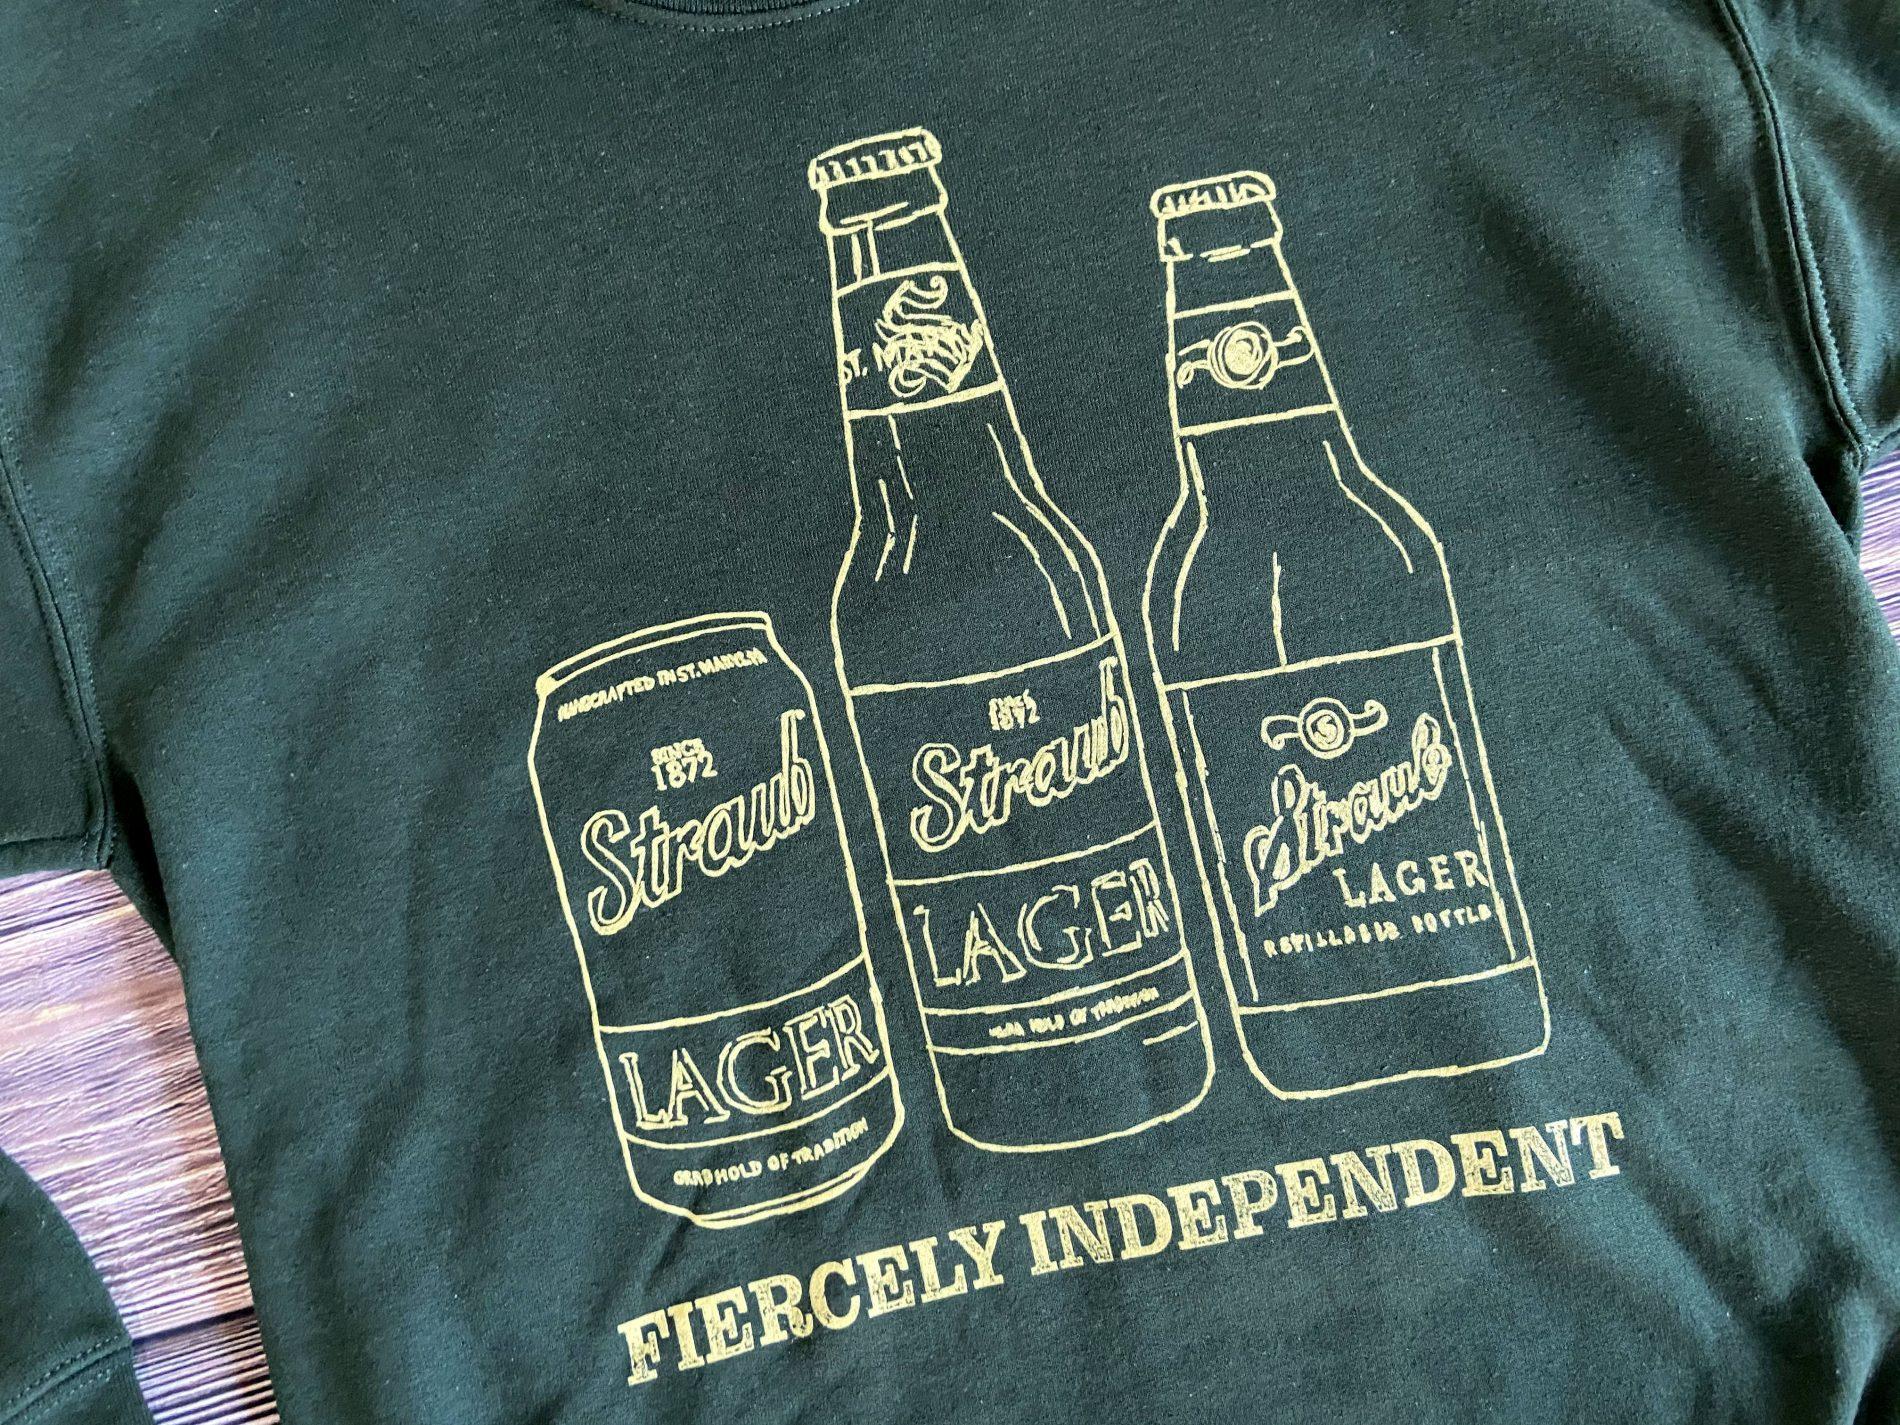 Straub Fiercely Independent bottle sweatshirt graphic detail